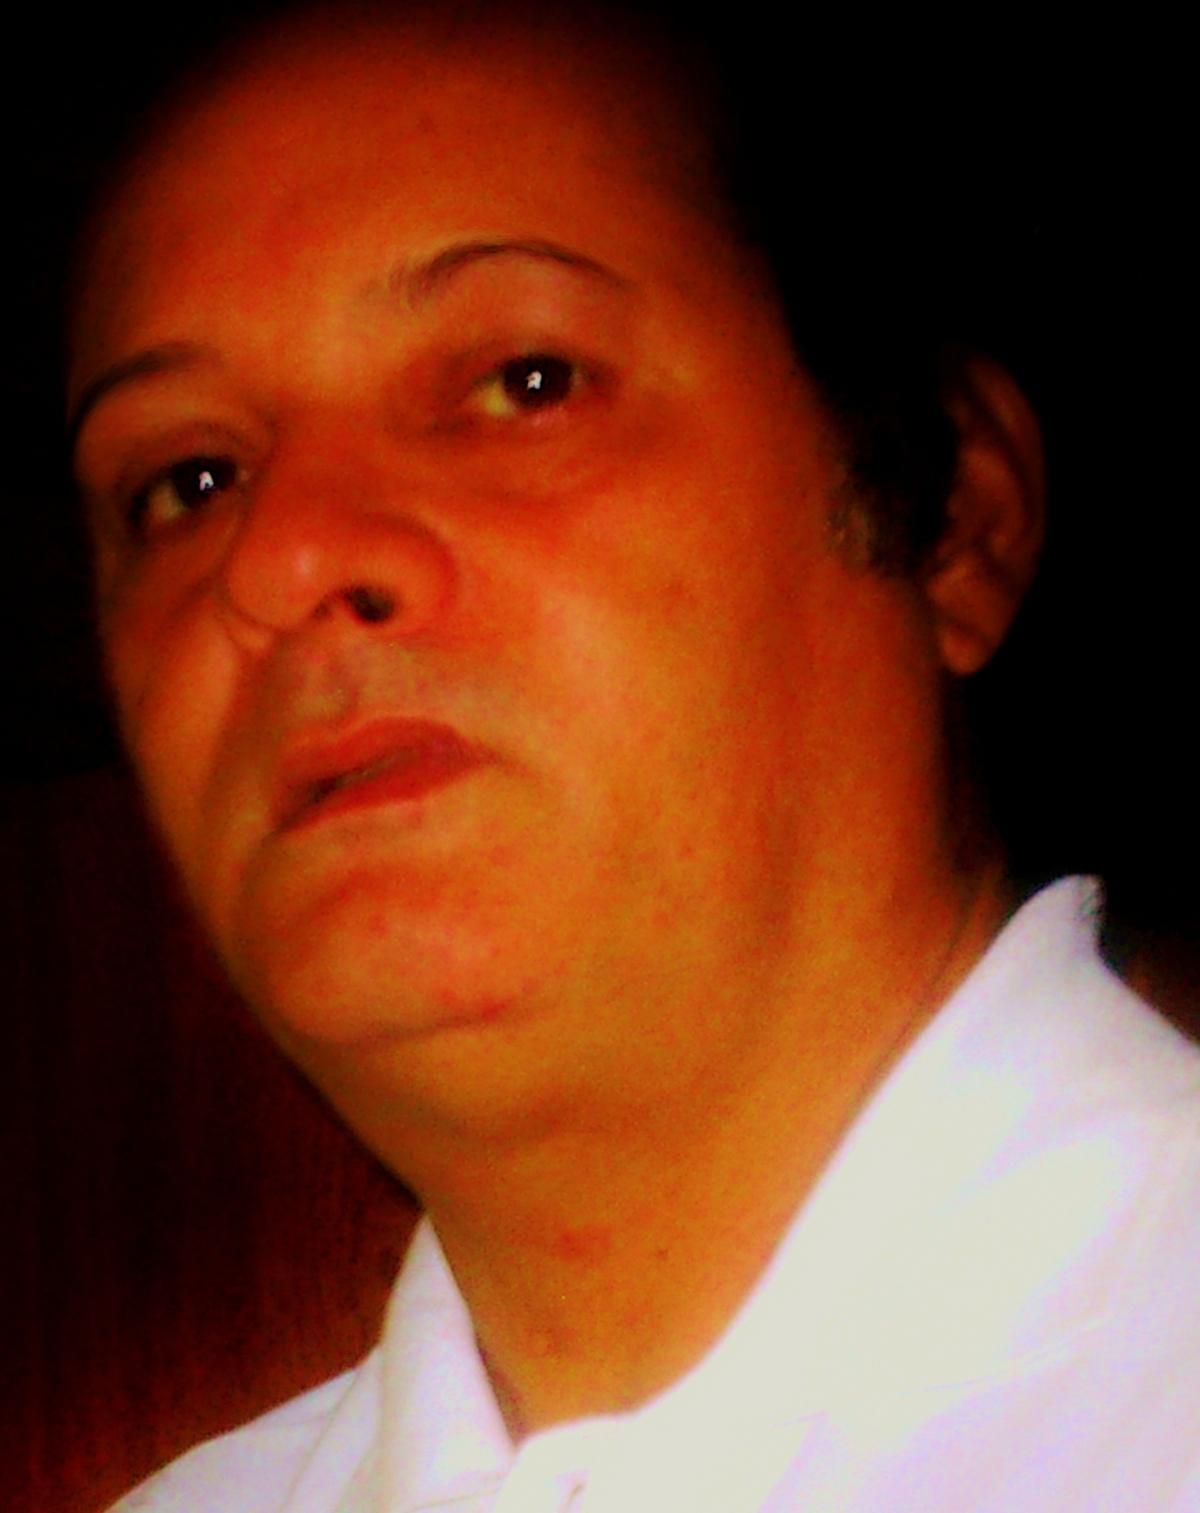 http://images.comunidades.net/bac/bacurigazetapopular/sunp0007a.jpg